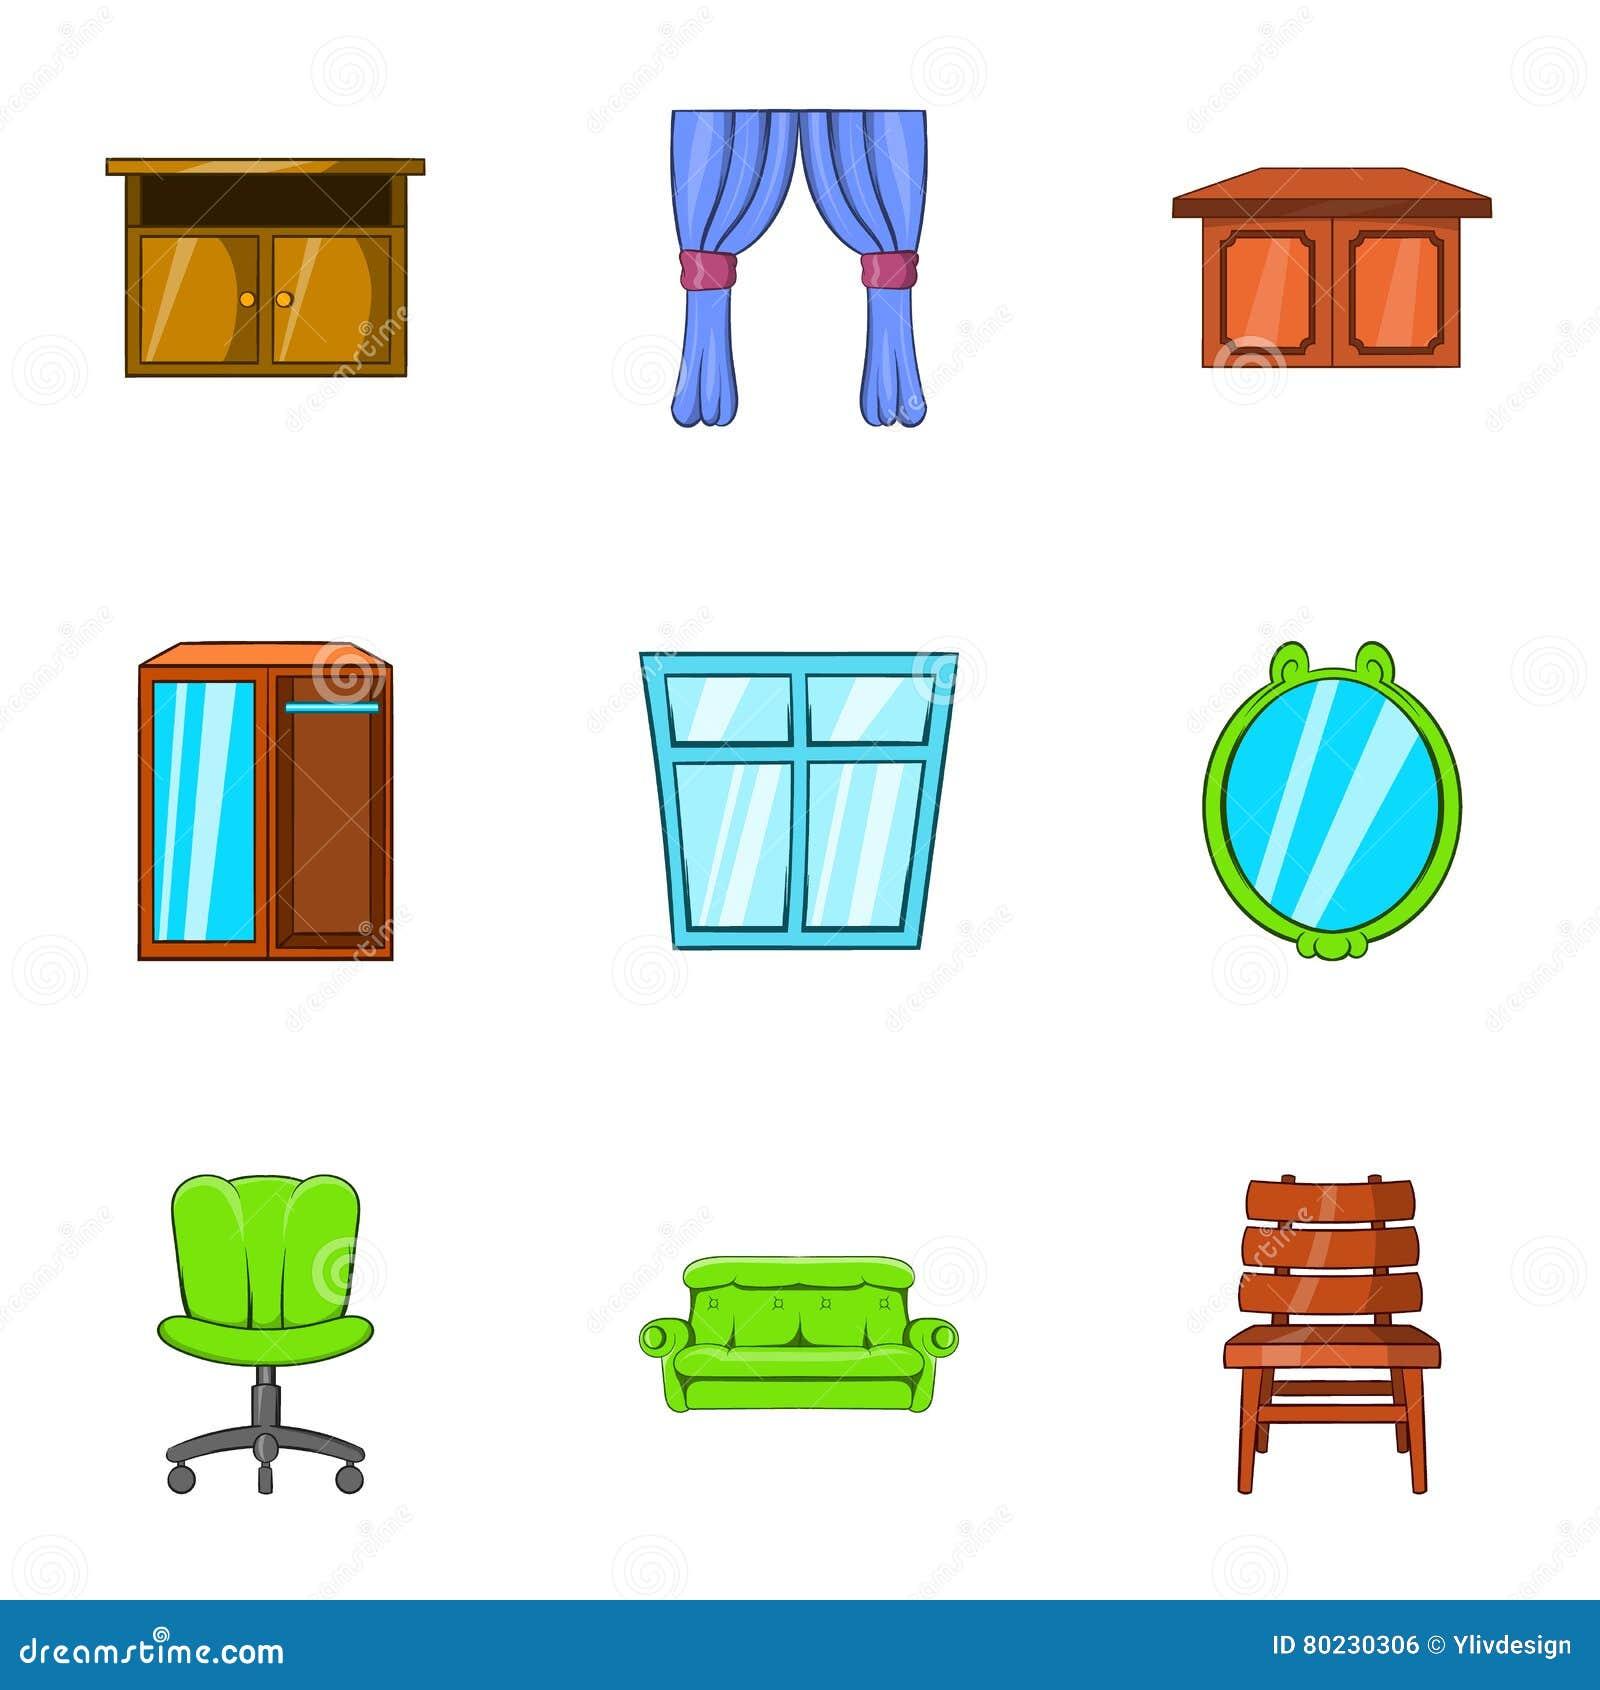 Artculos para el hogar beautiful artculos para el hogar - Accesorios hogar originales ...